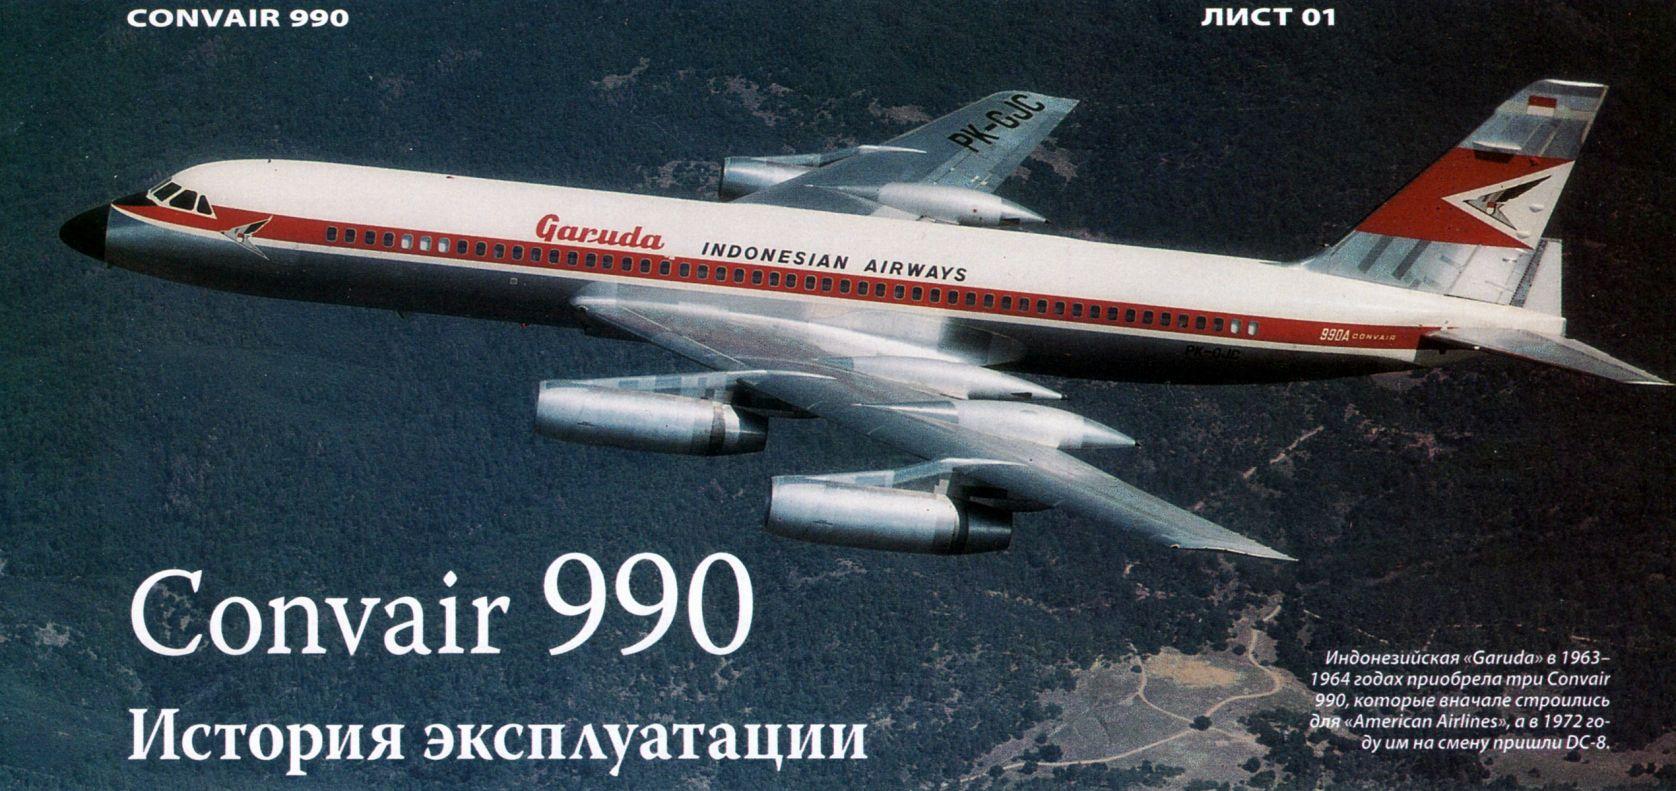 Convair CV-880 / CV-990 Coronado